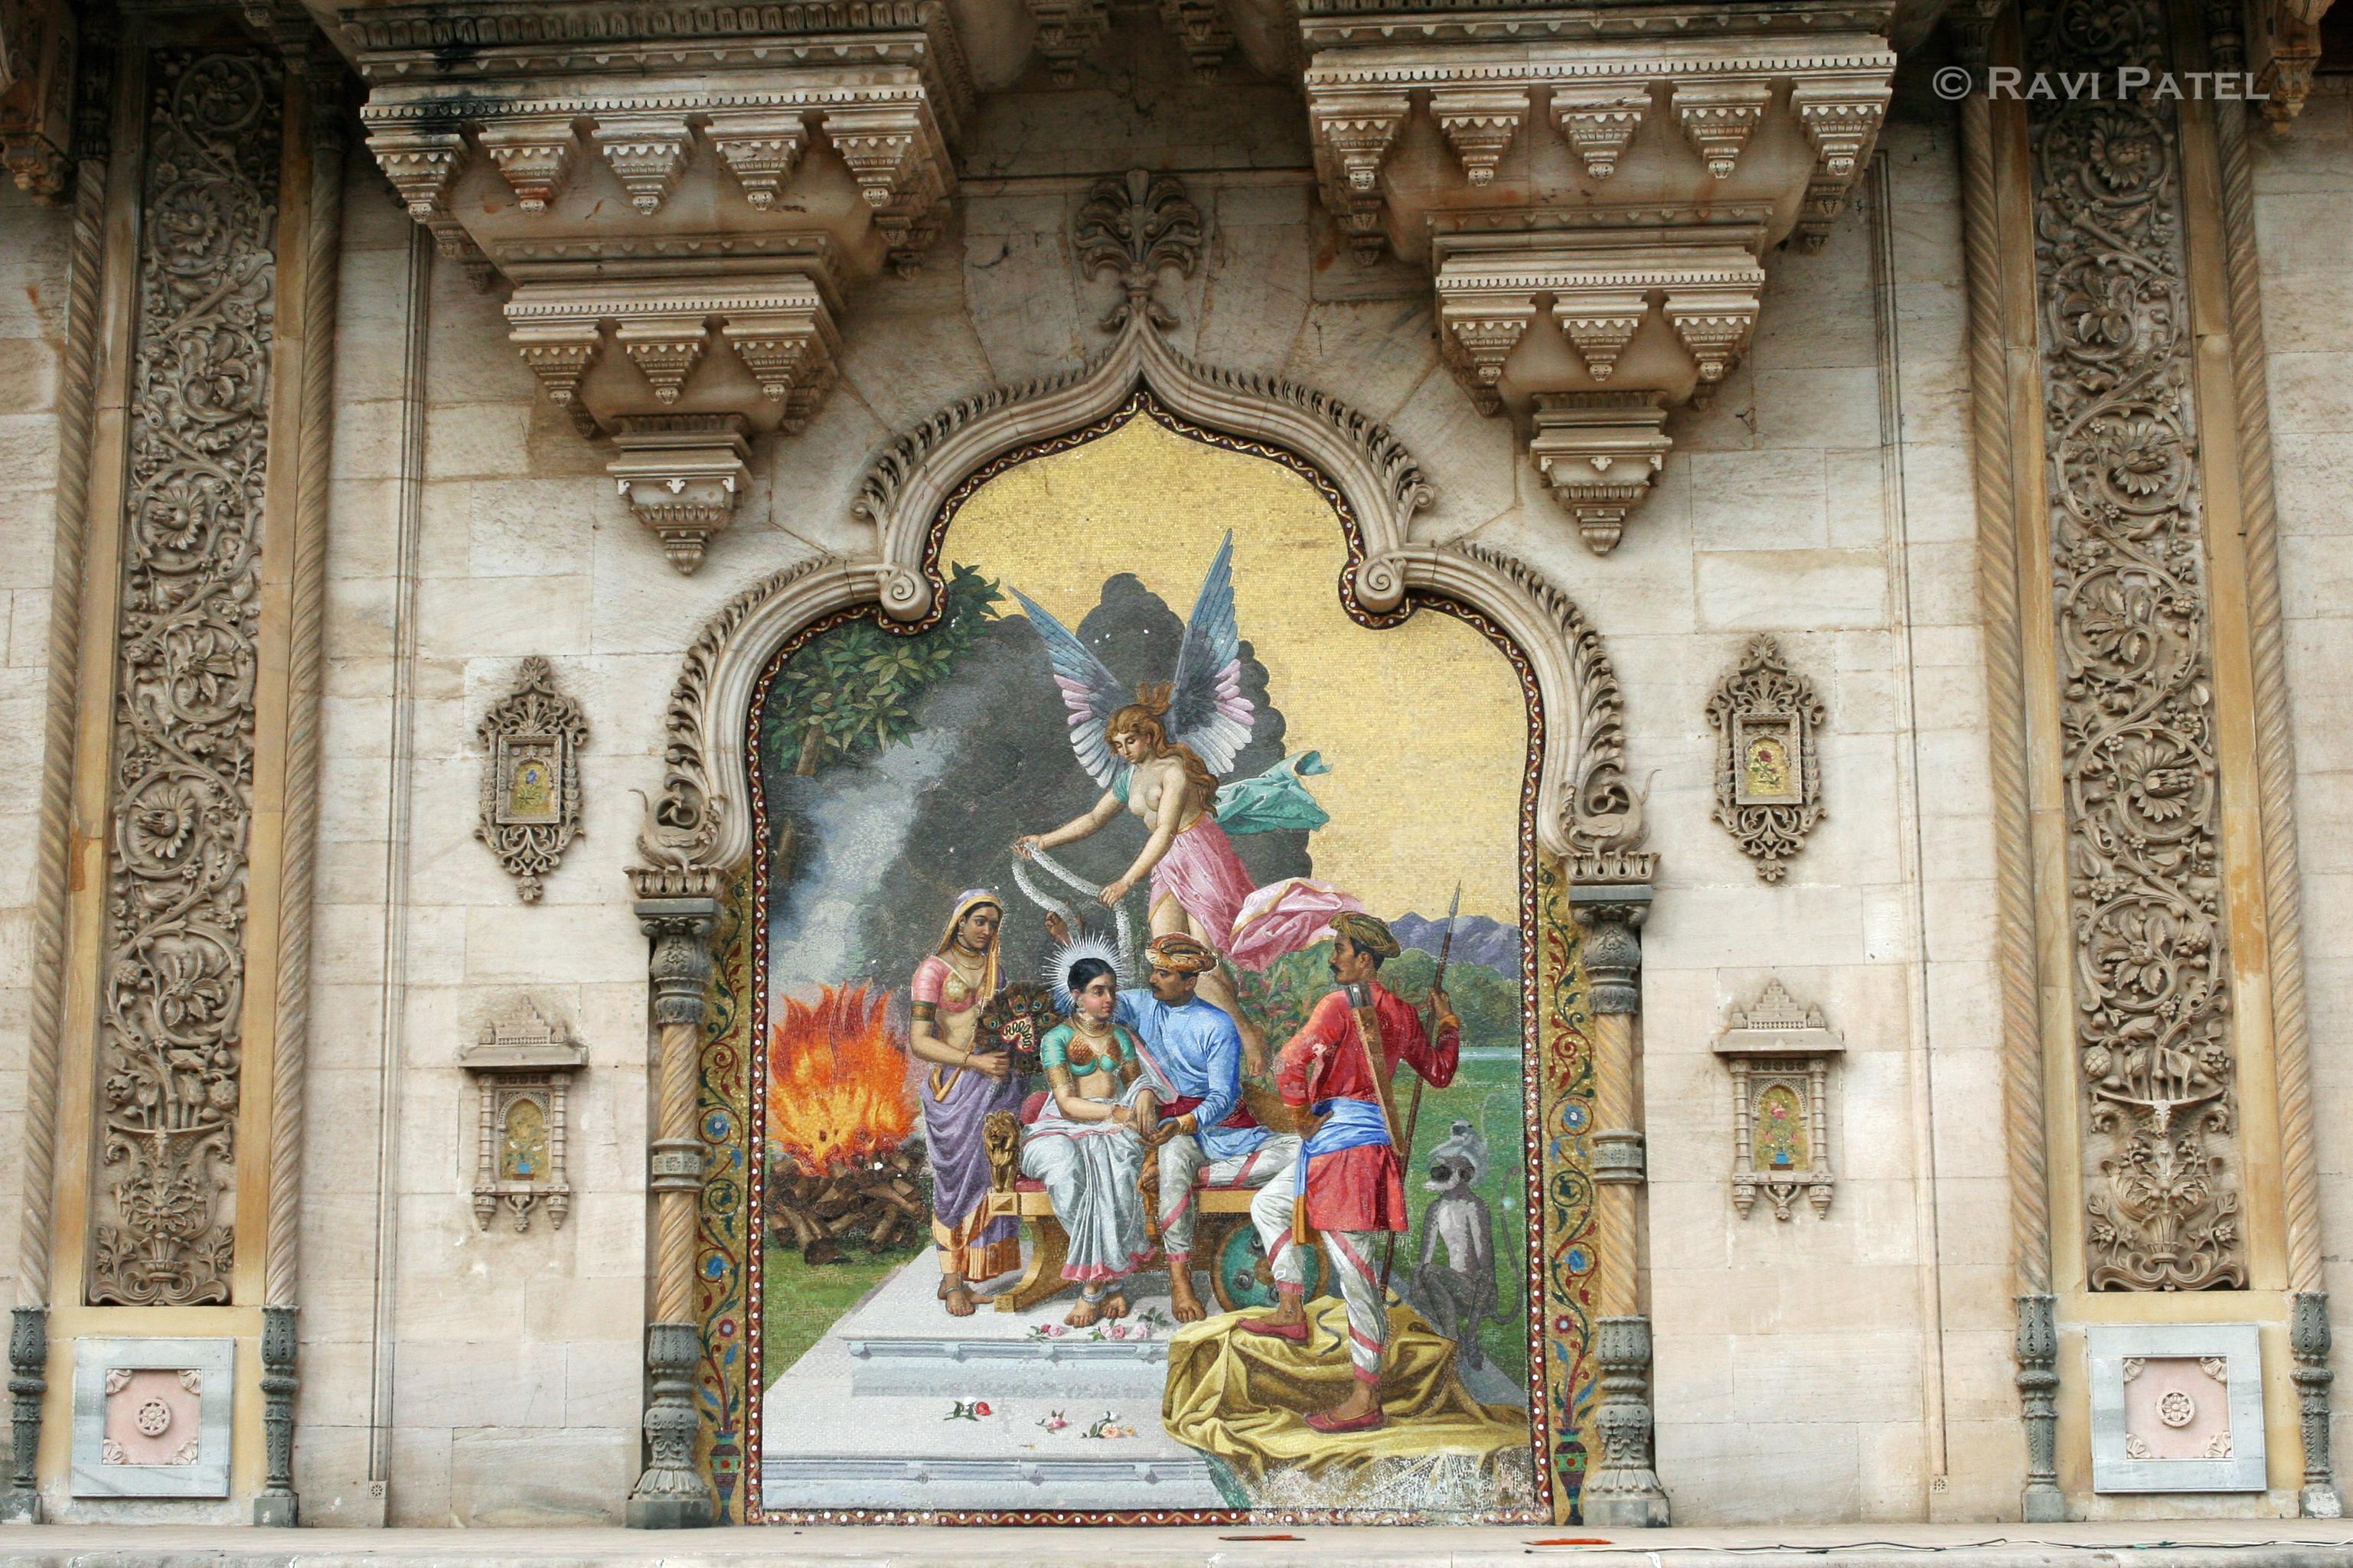 Wall Decor In Vadodara : Wall murals photos by ravi